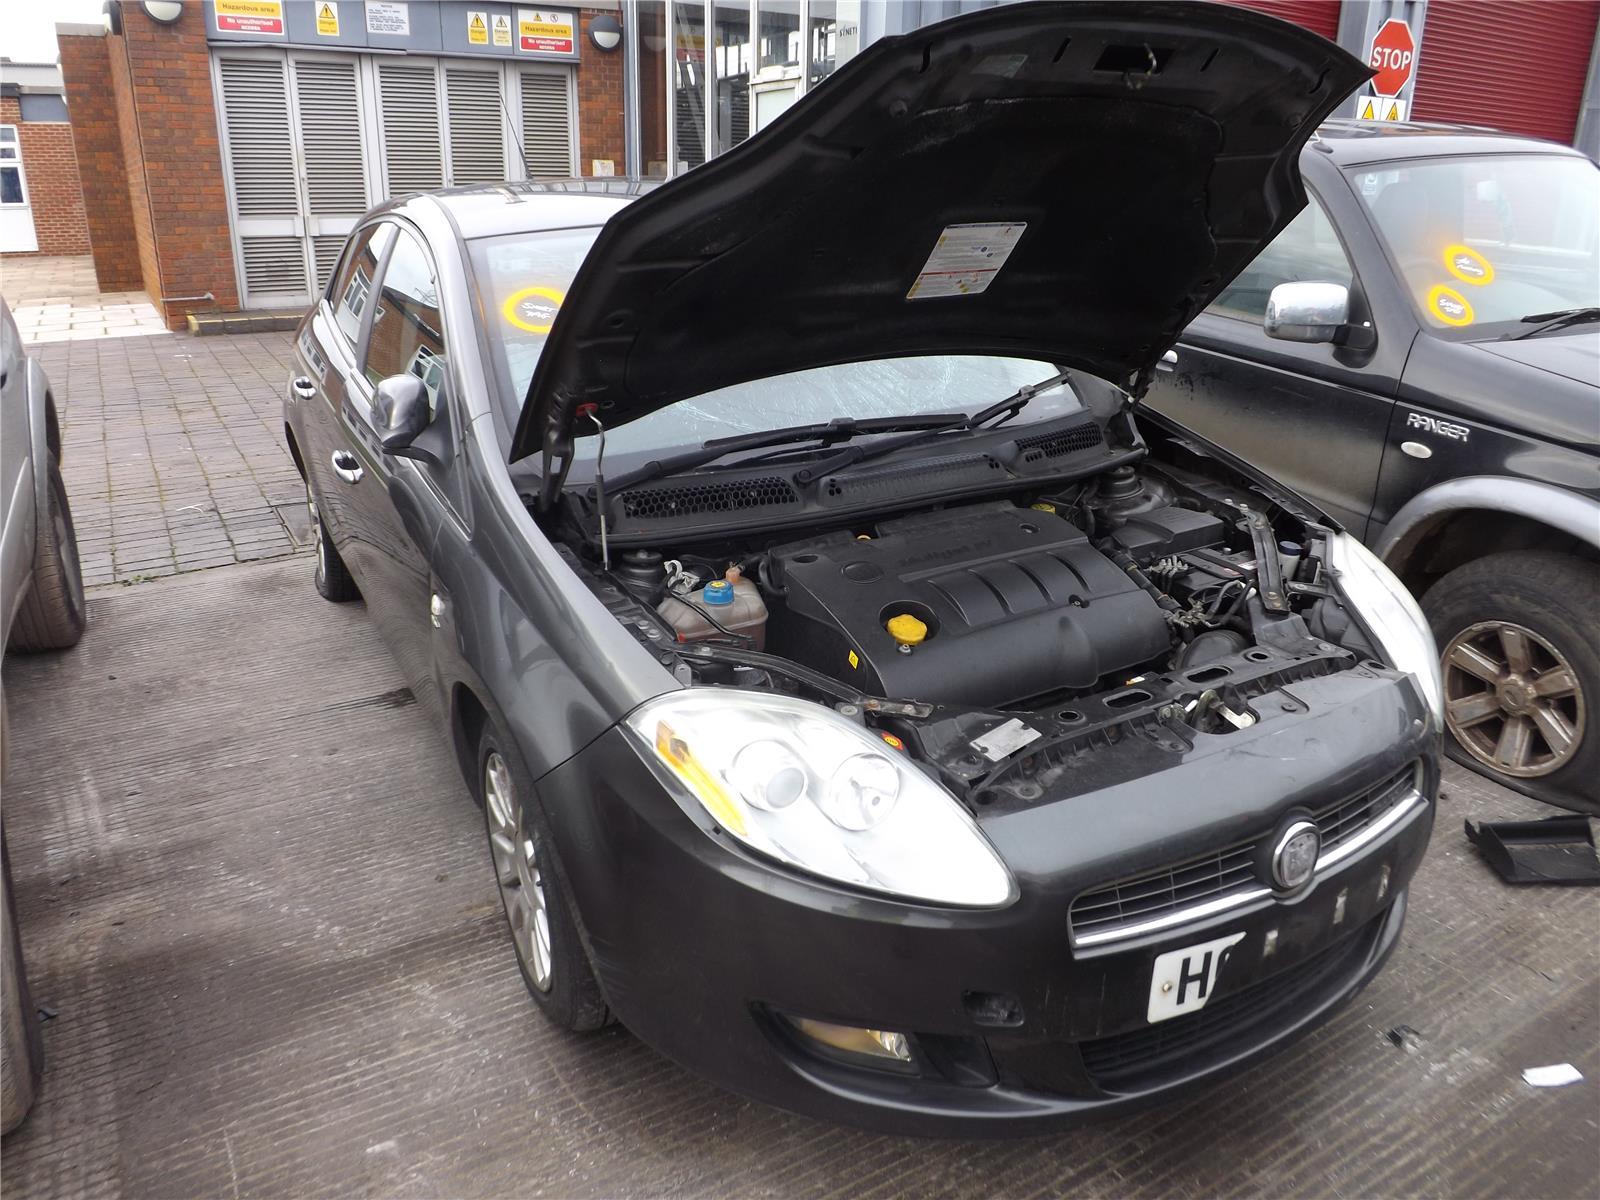 Synetiq Fiat Mk2 198 2007 To 2014 Dynamic 120 Multijet Headlamp Rh Diesel Manual For Sale